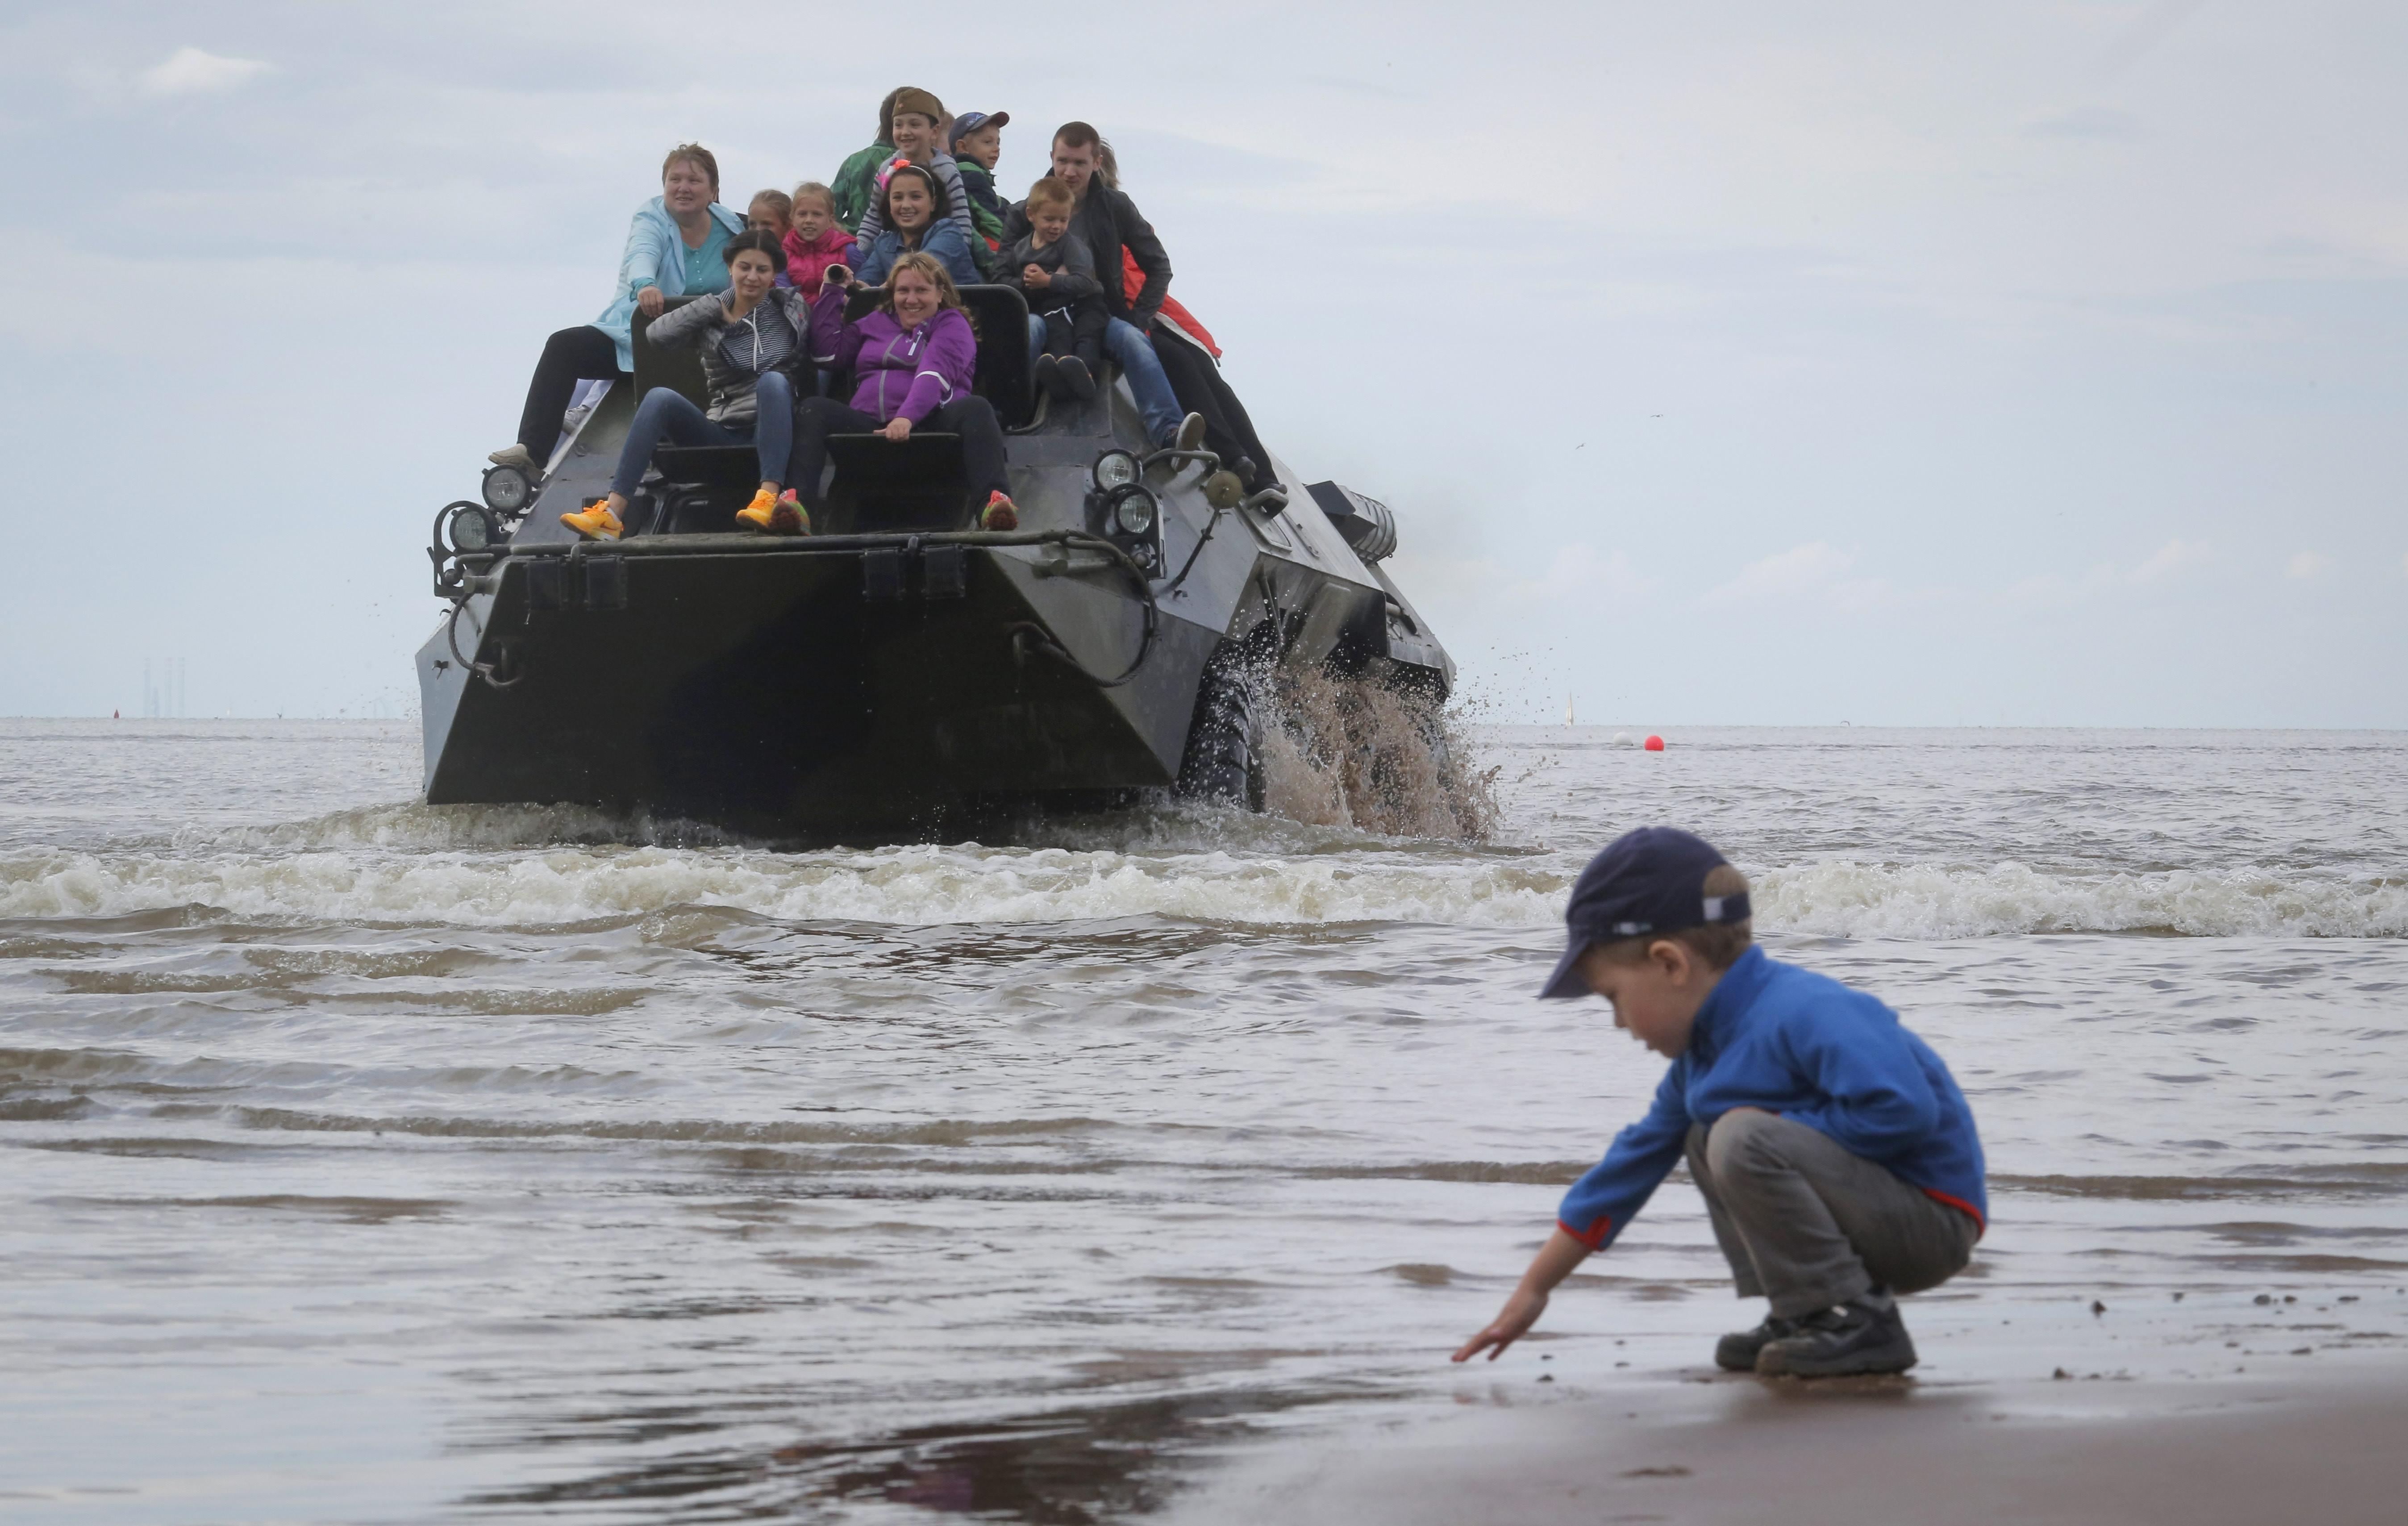 Хора се возят на бронетранспортьор по време на военно шоу във Финския залив.